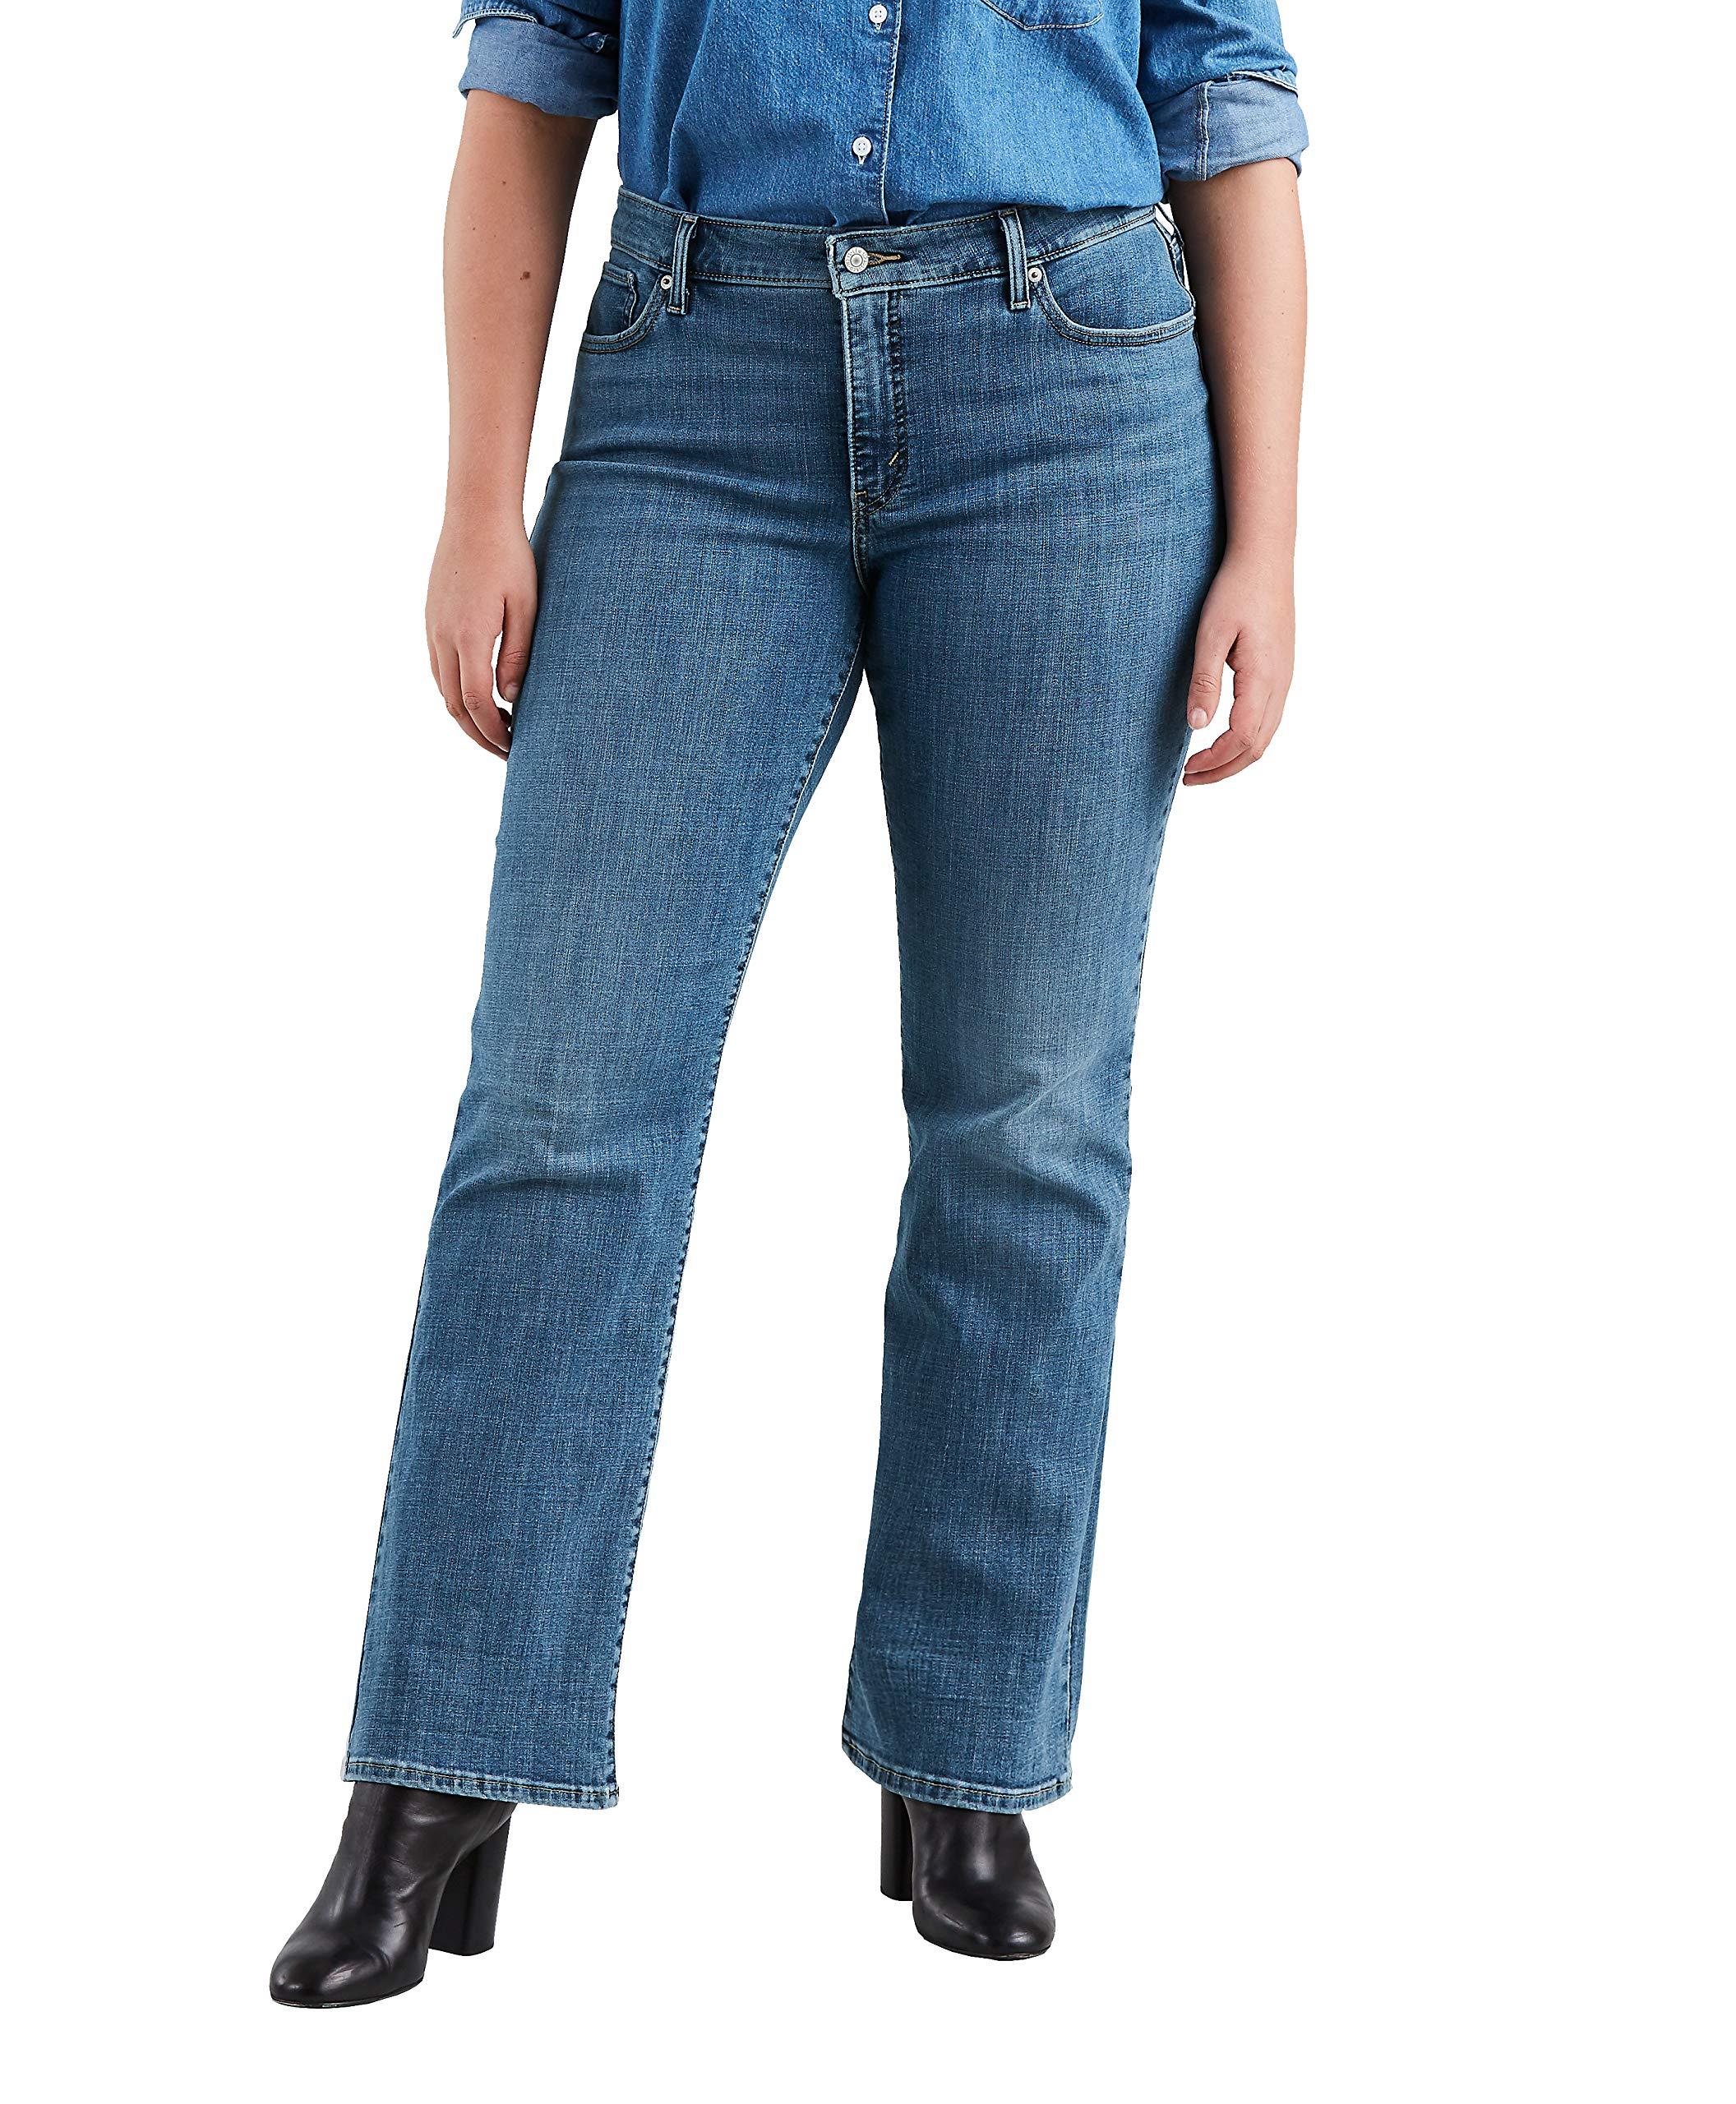 Levi's Women's Plus-Size 415 Classic Bootcut